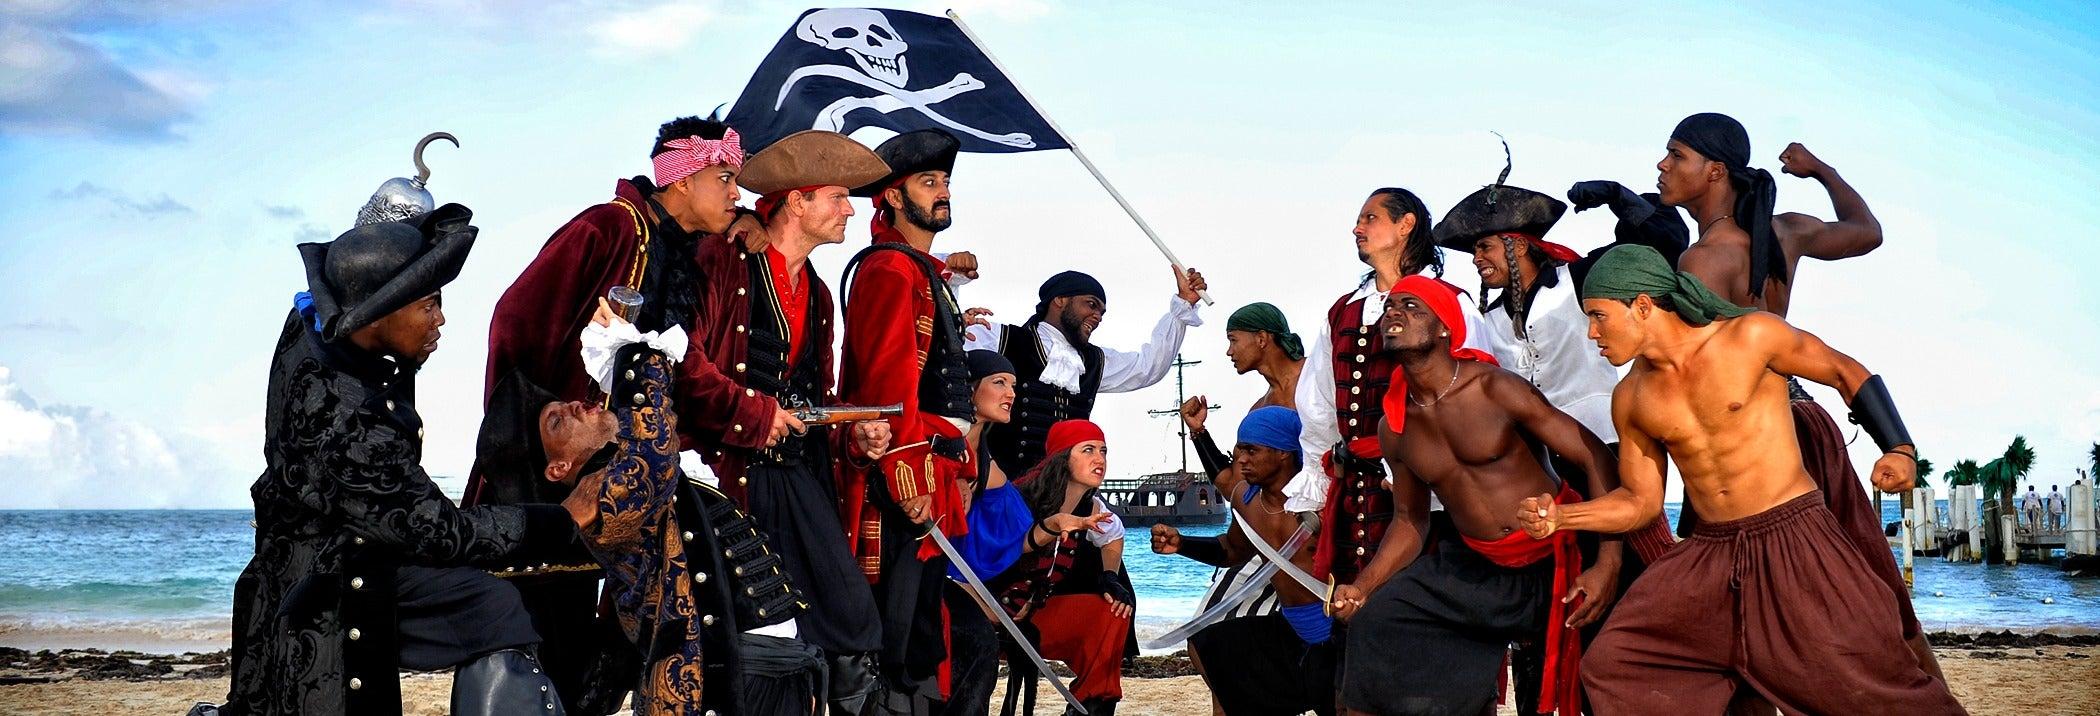 Festa in nave pirata